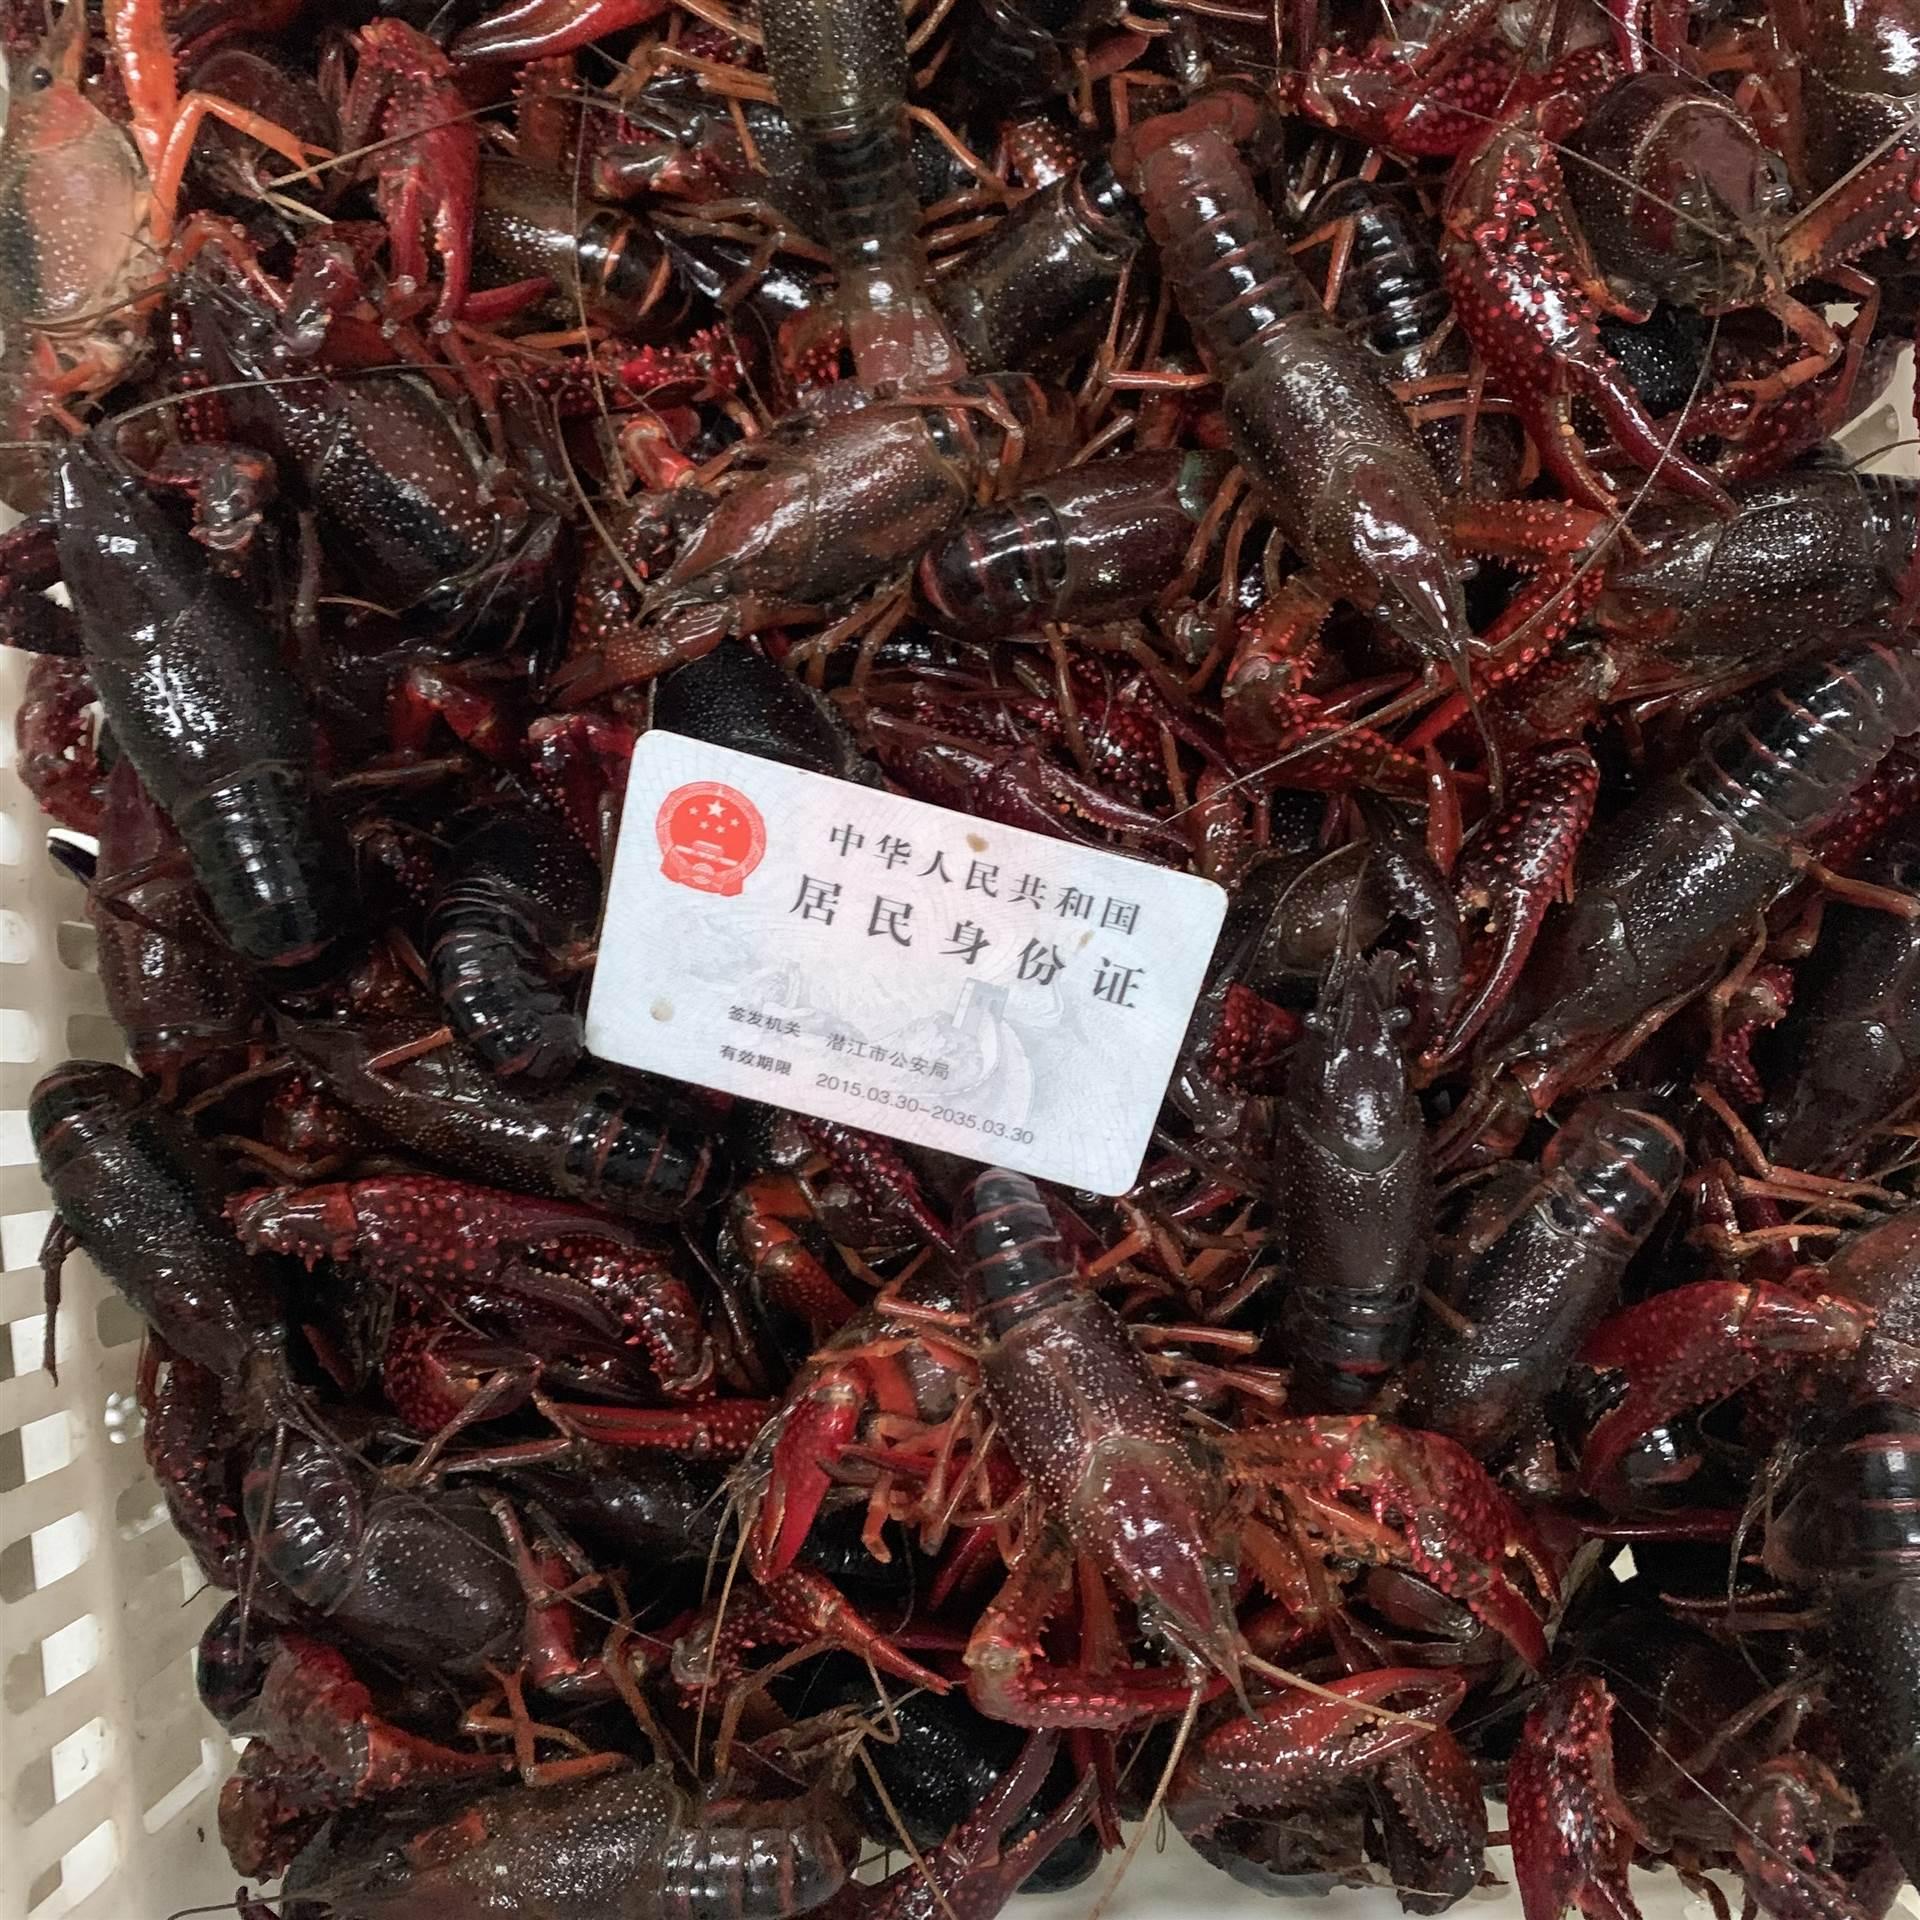 2021年3月1日潛江小龍蝦批發市場6789滿肉大紅蝦價格品質一覽行情